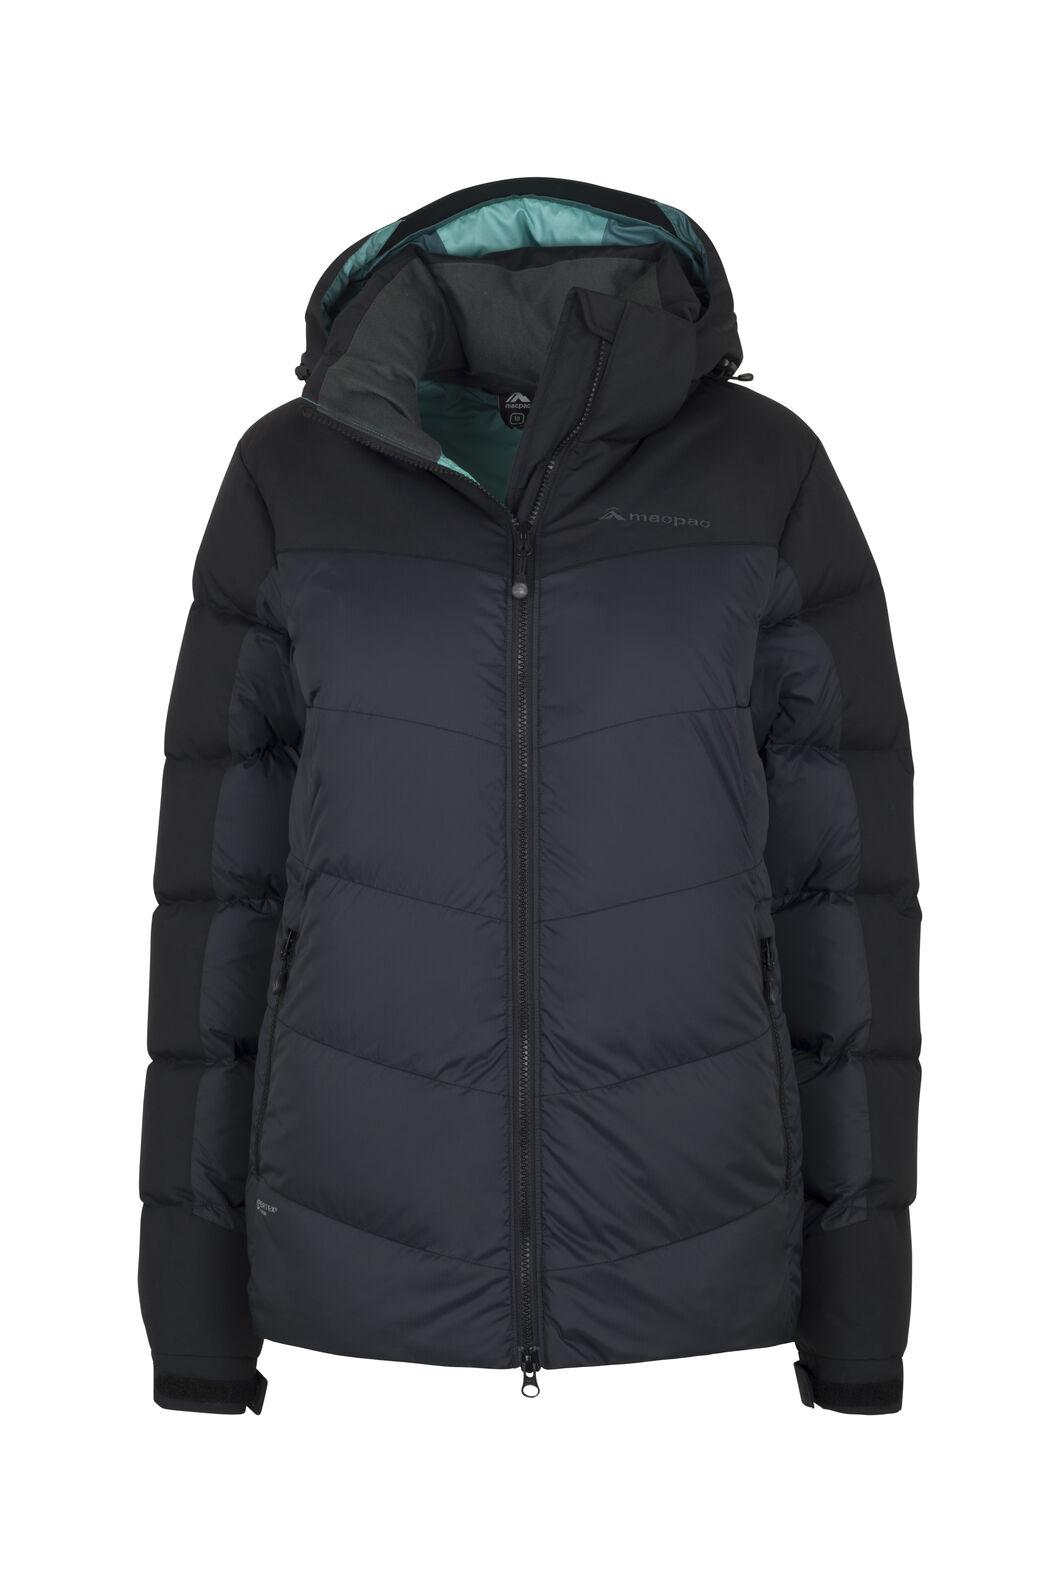 Macpac Ember HyperDRY™ Down Jacket - Women's, Black, hi-res